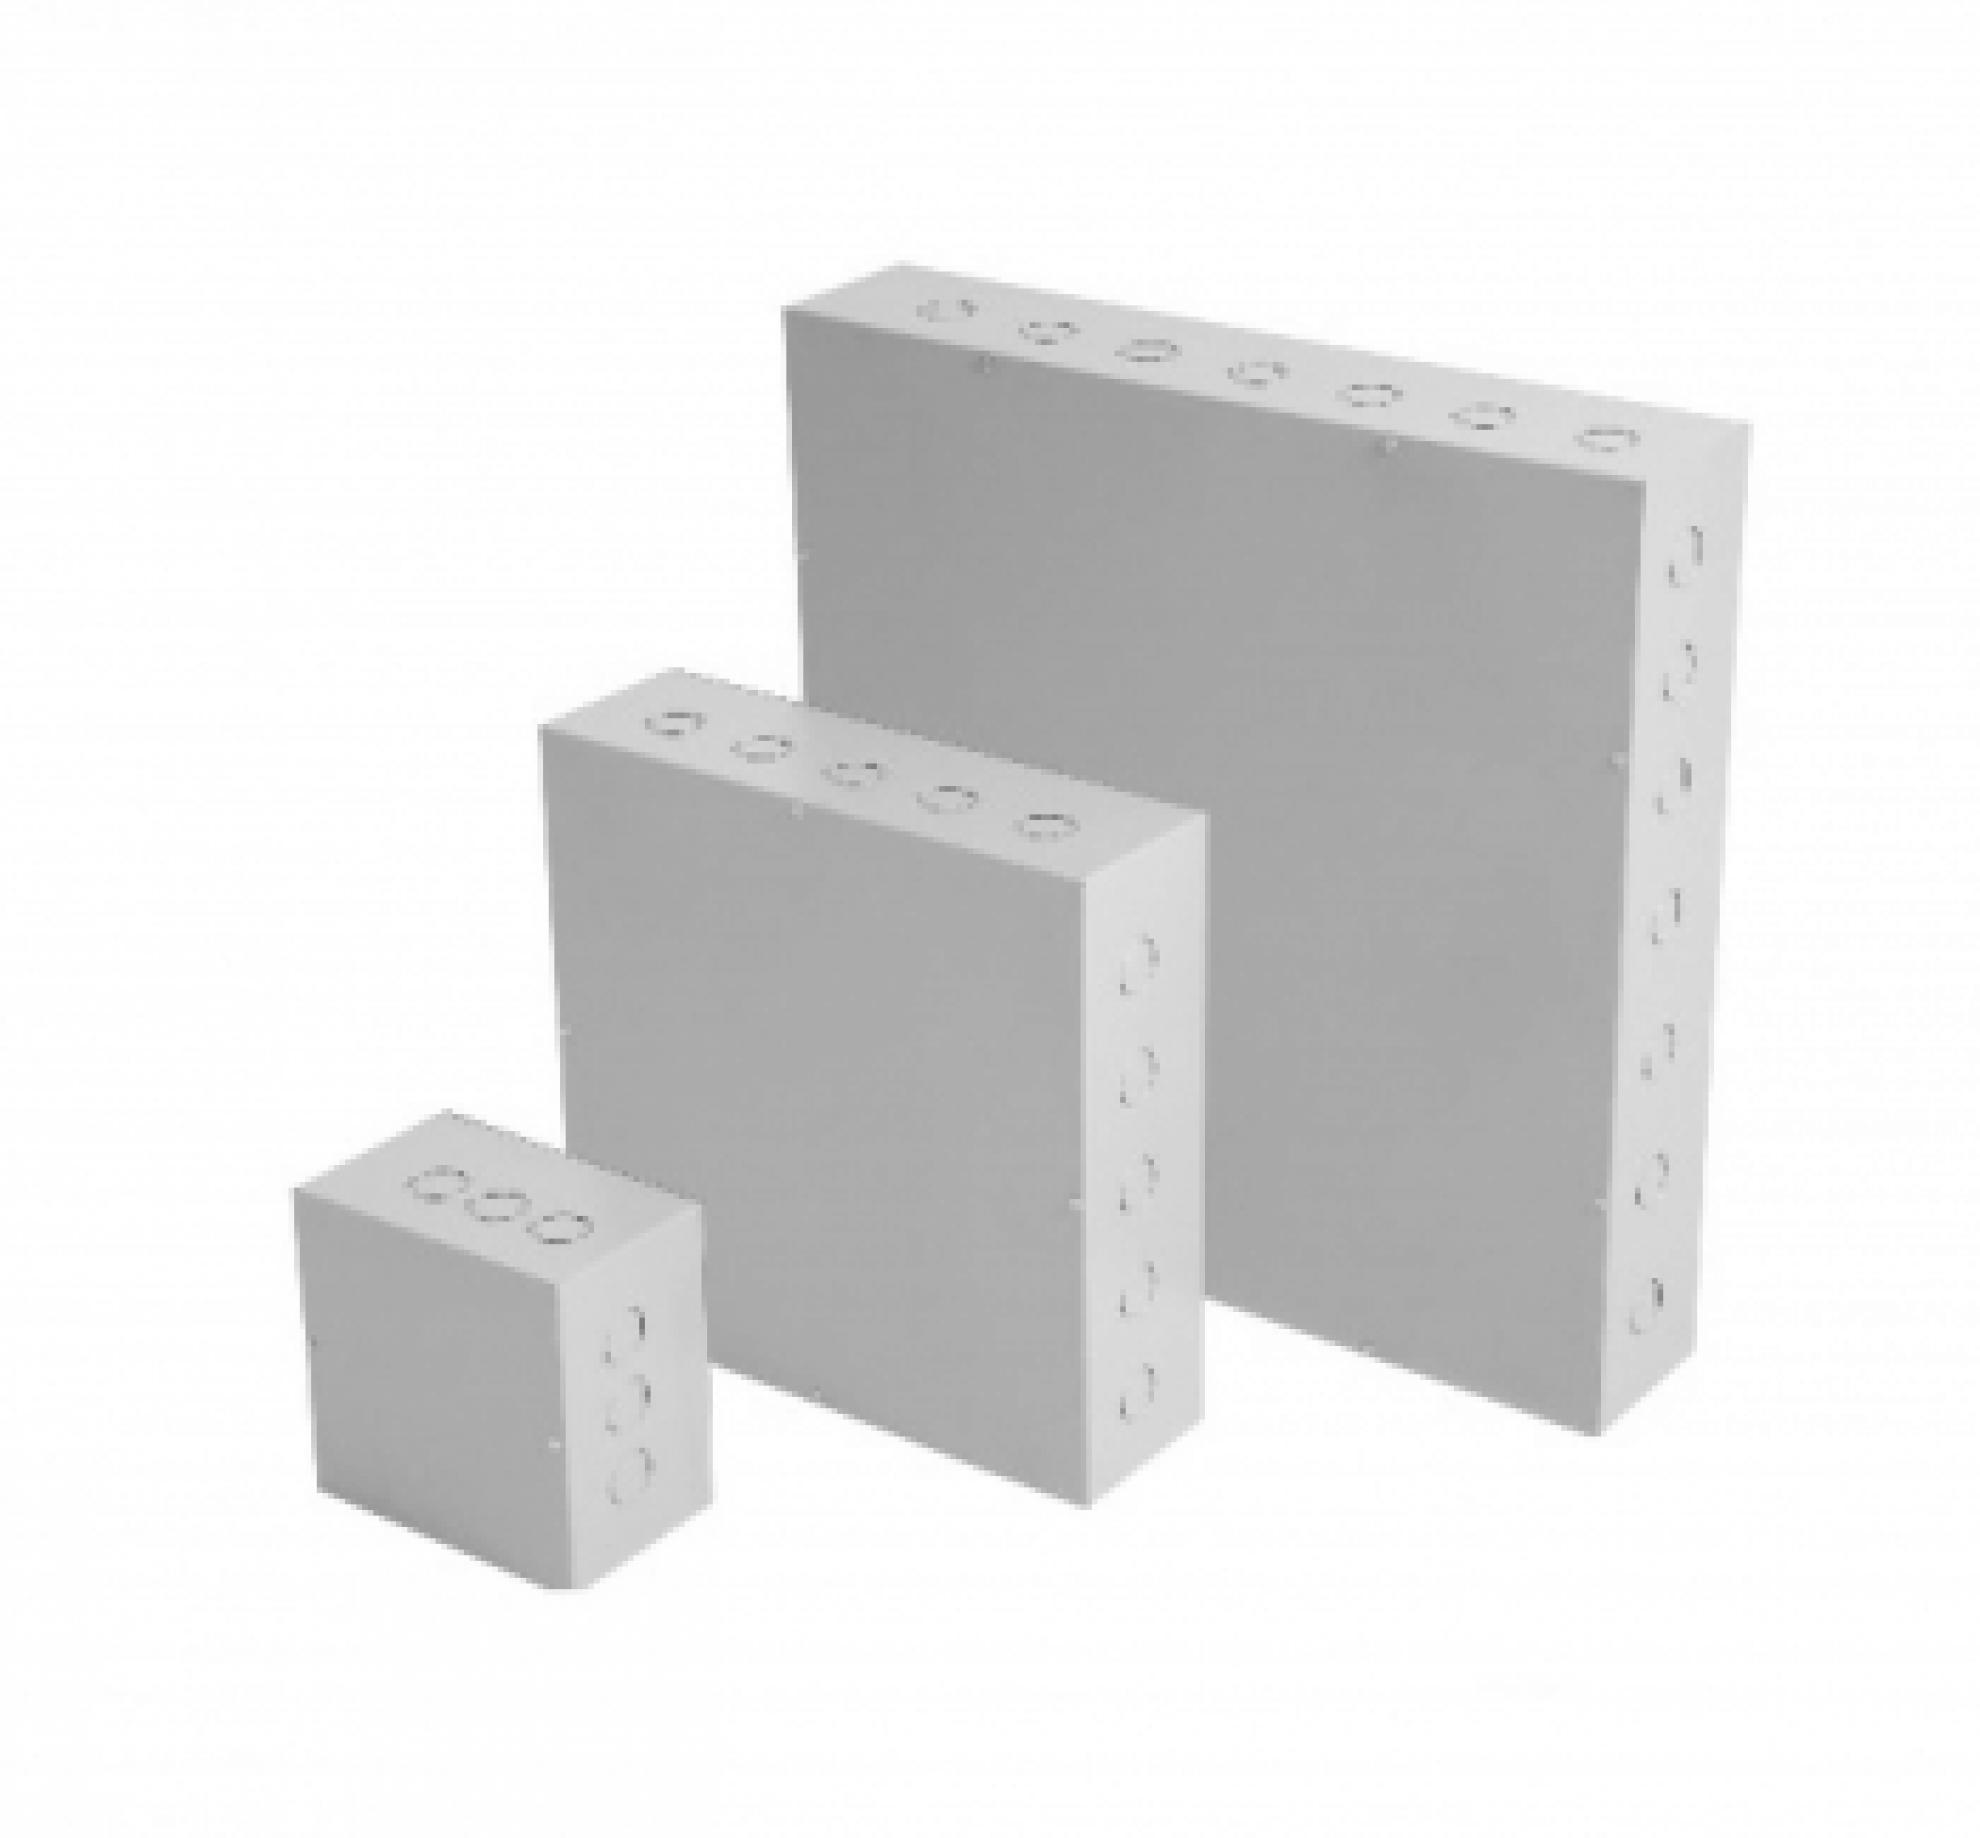 Caixa de Passagem para instala��o embutida 500x500x120MM